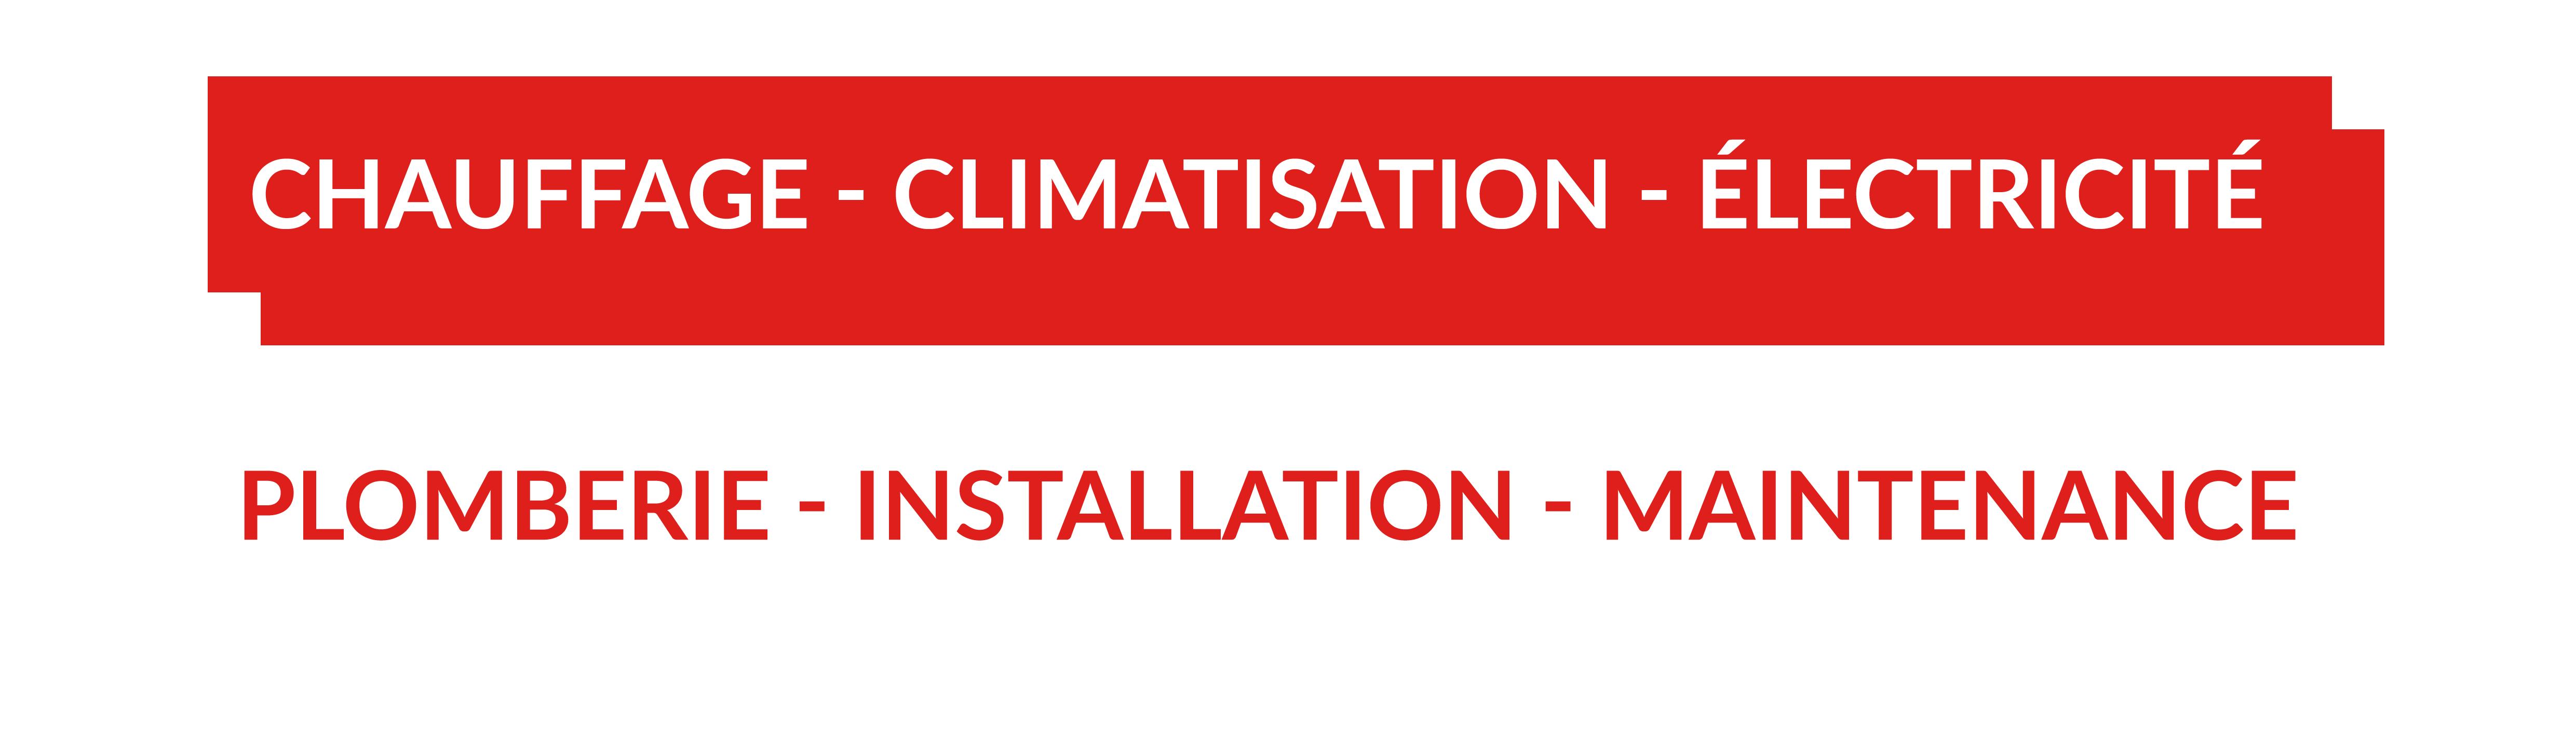 HMC Monaco - Chauffage, climatisation, électricité, plomberie, installation, maintenance